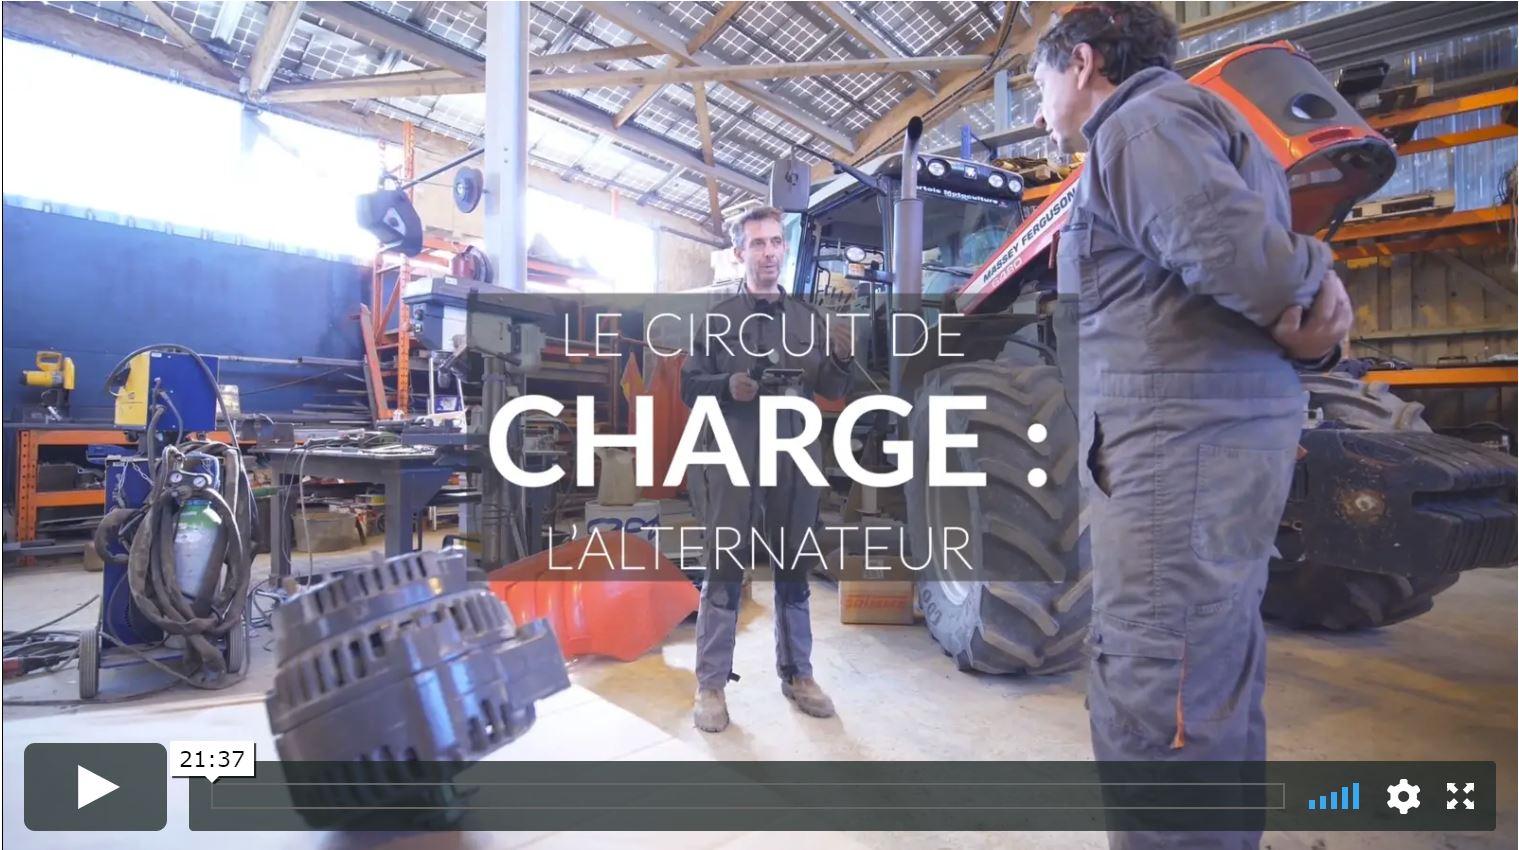 Circuit de chrge alternateur